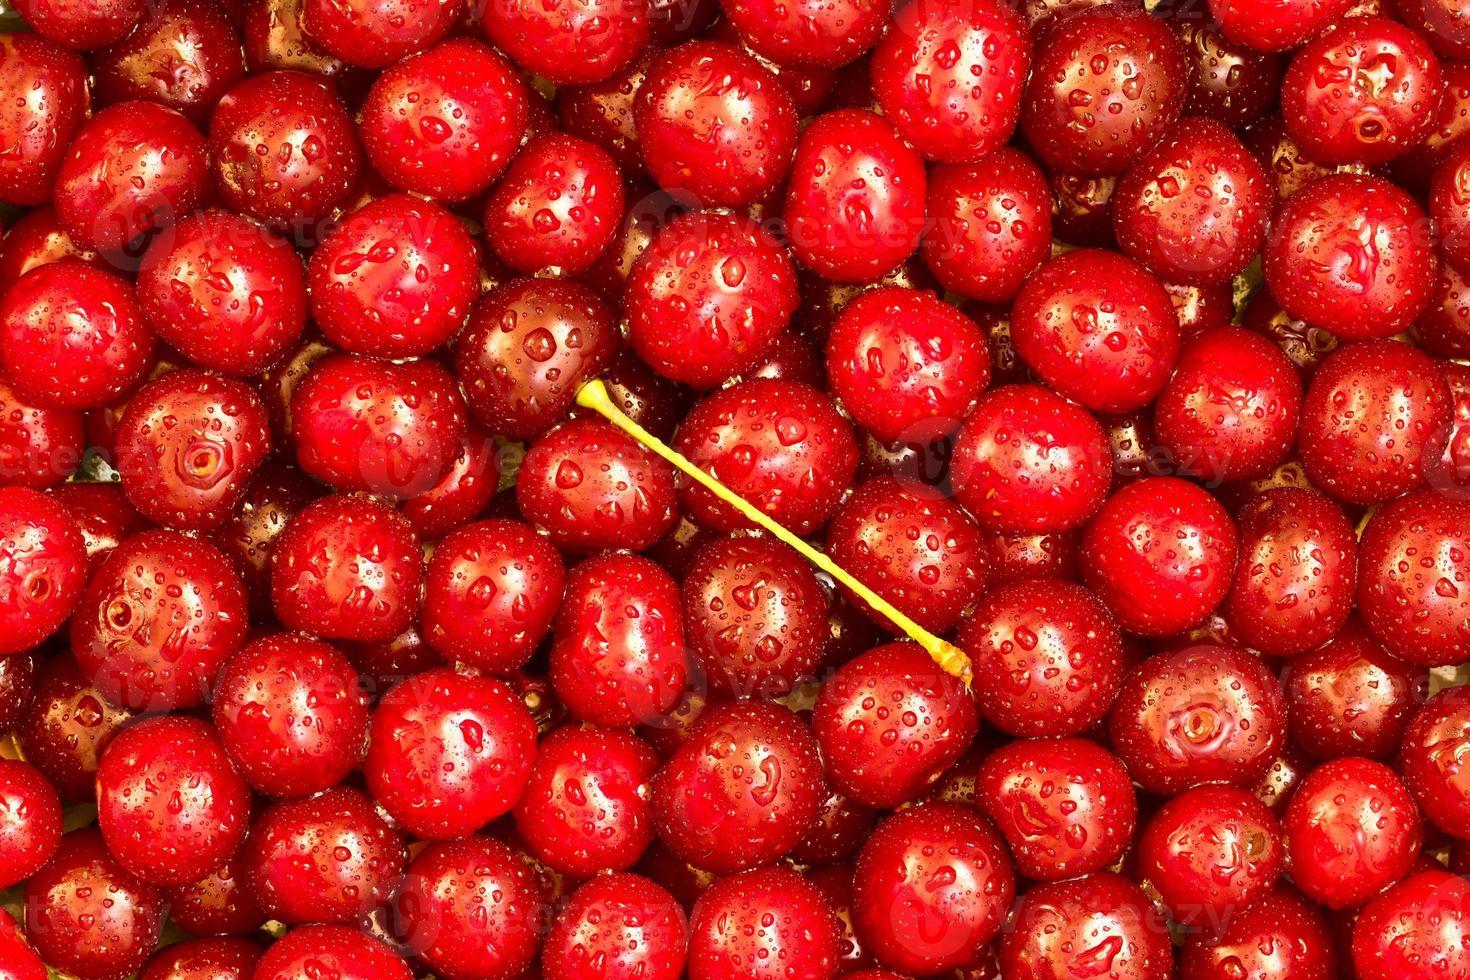 Cherries background photo